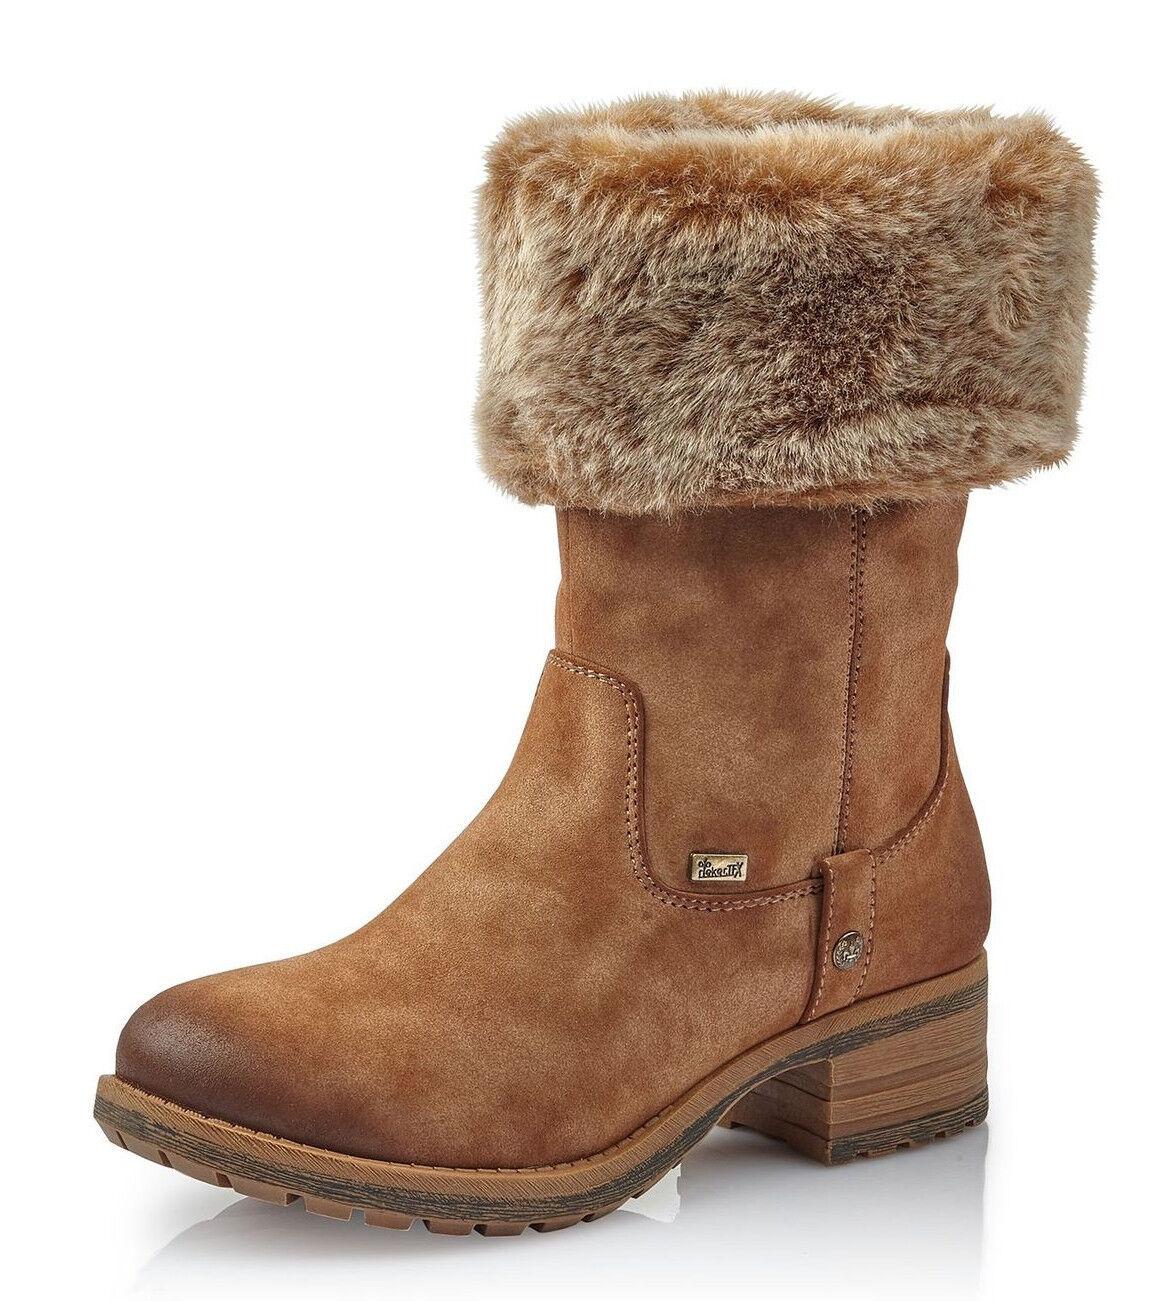 Rieker señora botas botines cálidos forro 96854-24 marrón tex nuevo